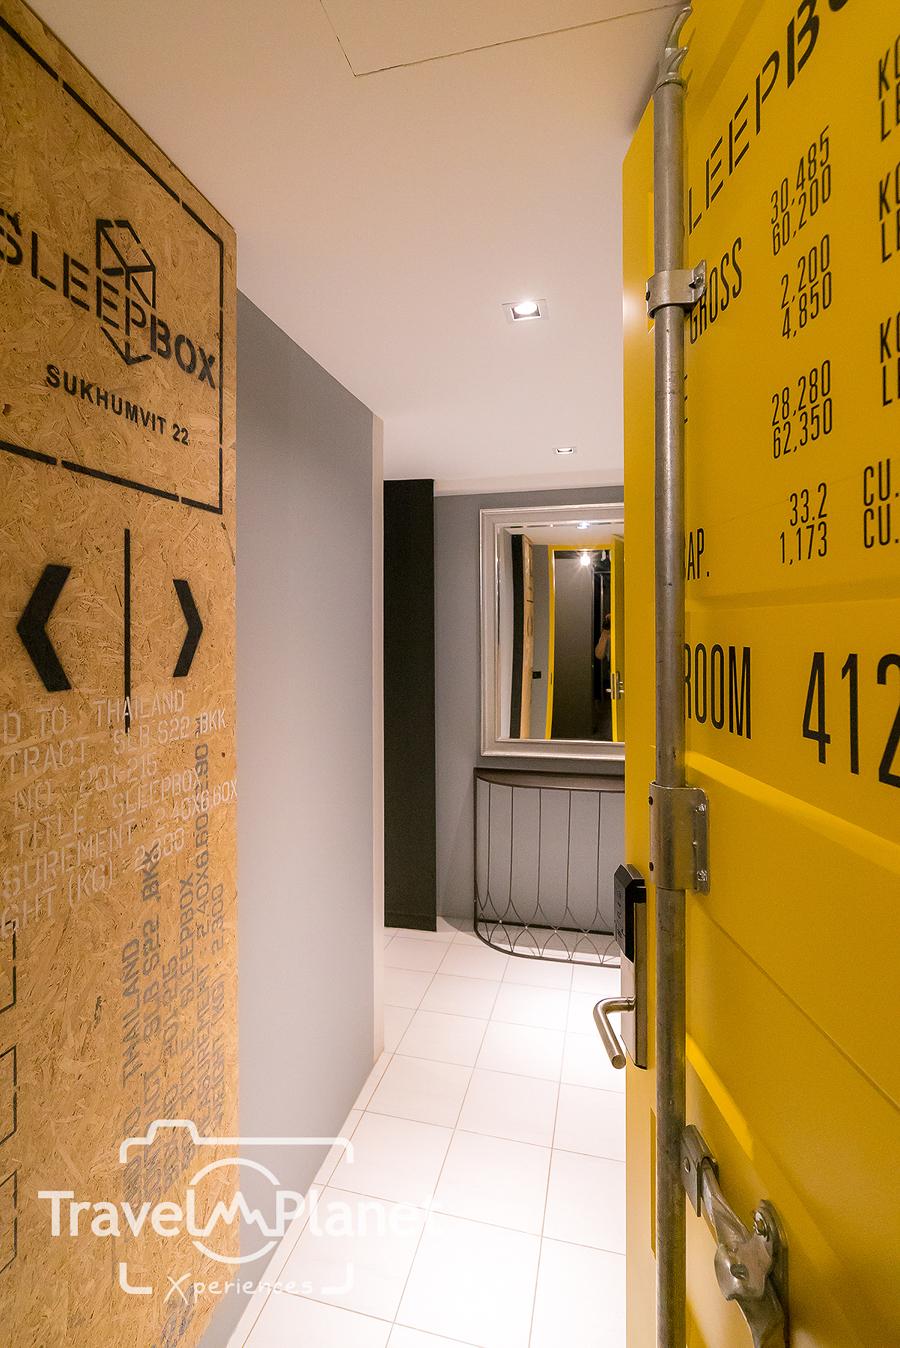 Sleepbox Sukhumvit 22 Double Room